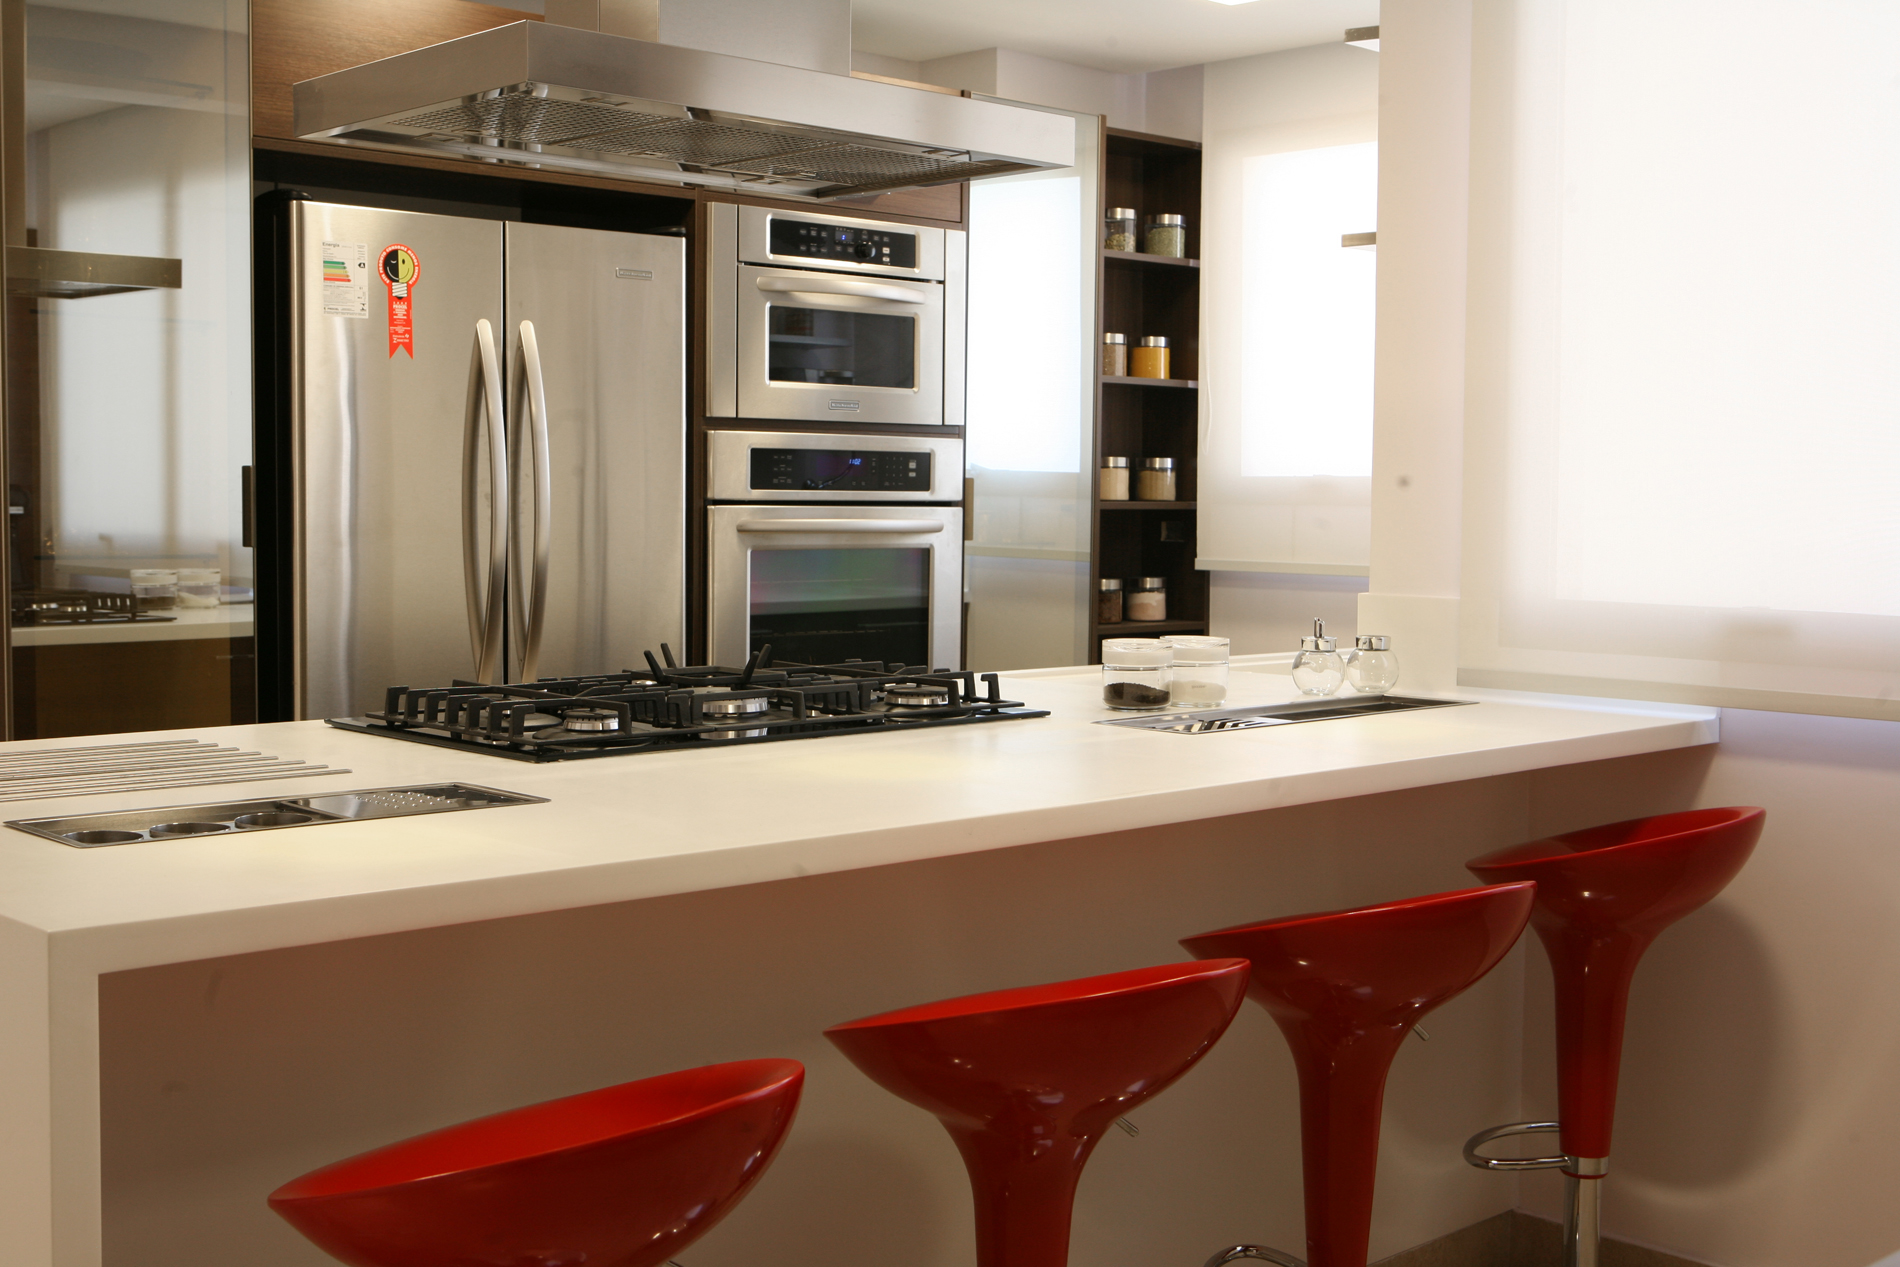 Dicas para não errar na decoração da cozinha Americana 3 #B72614 1900 1267